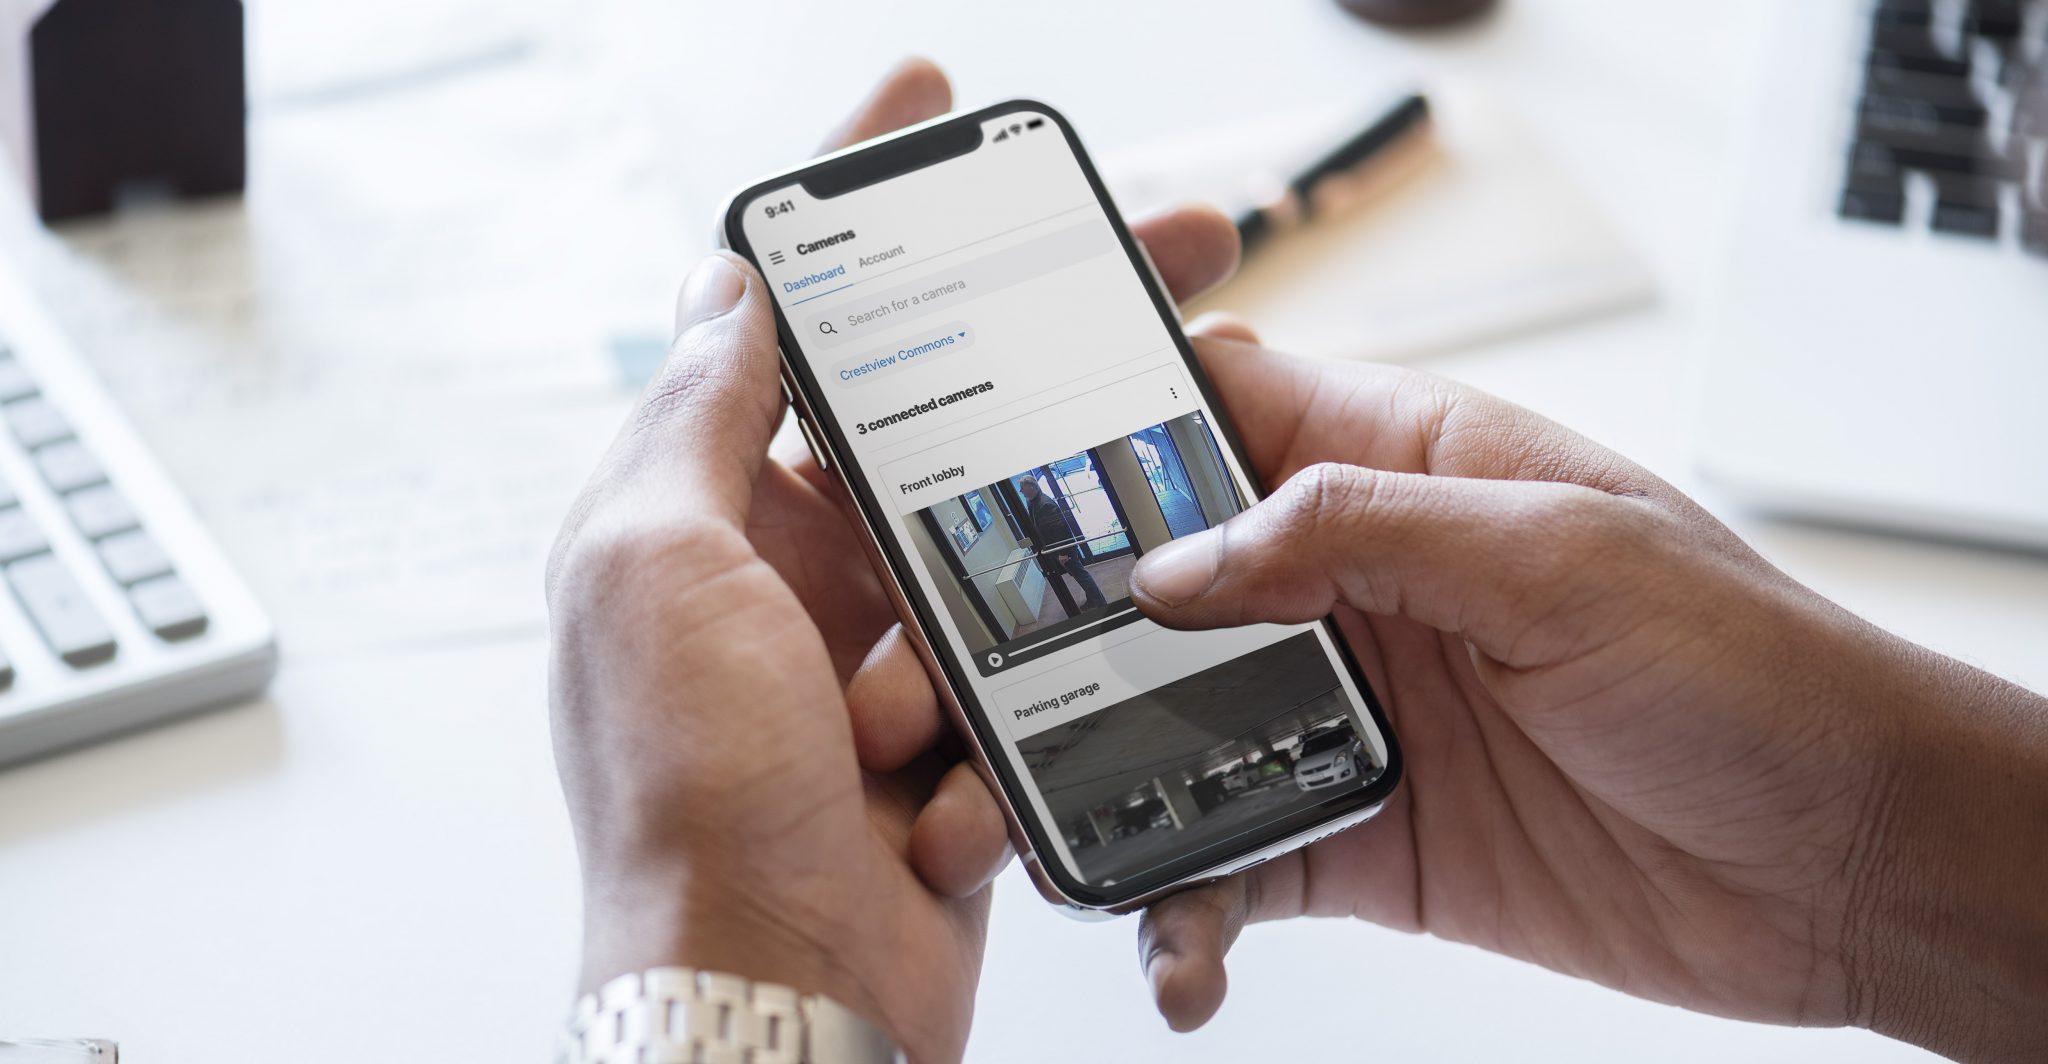 Eagle Eye in Homebase app on a phone.